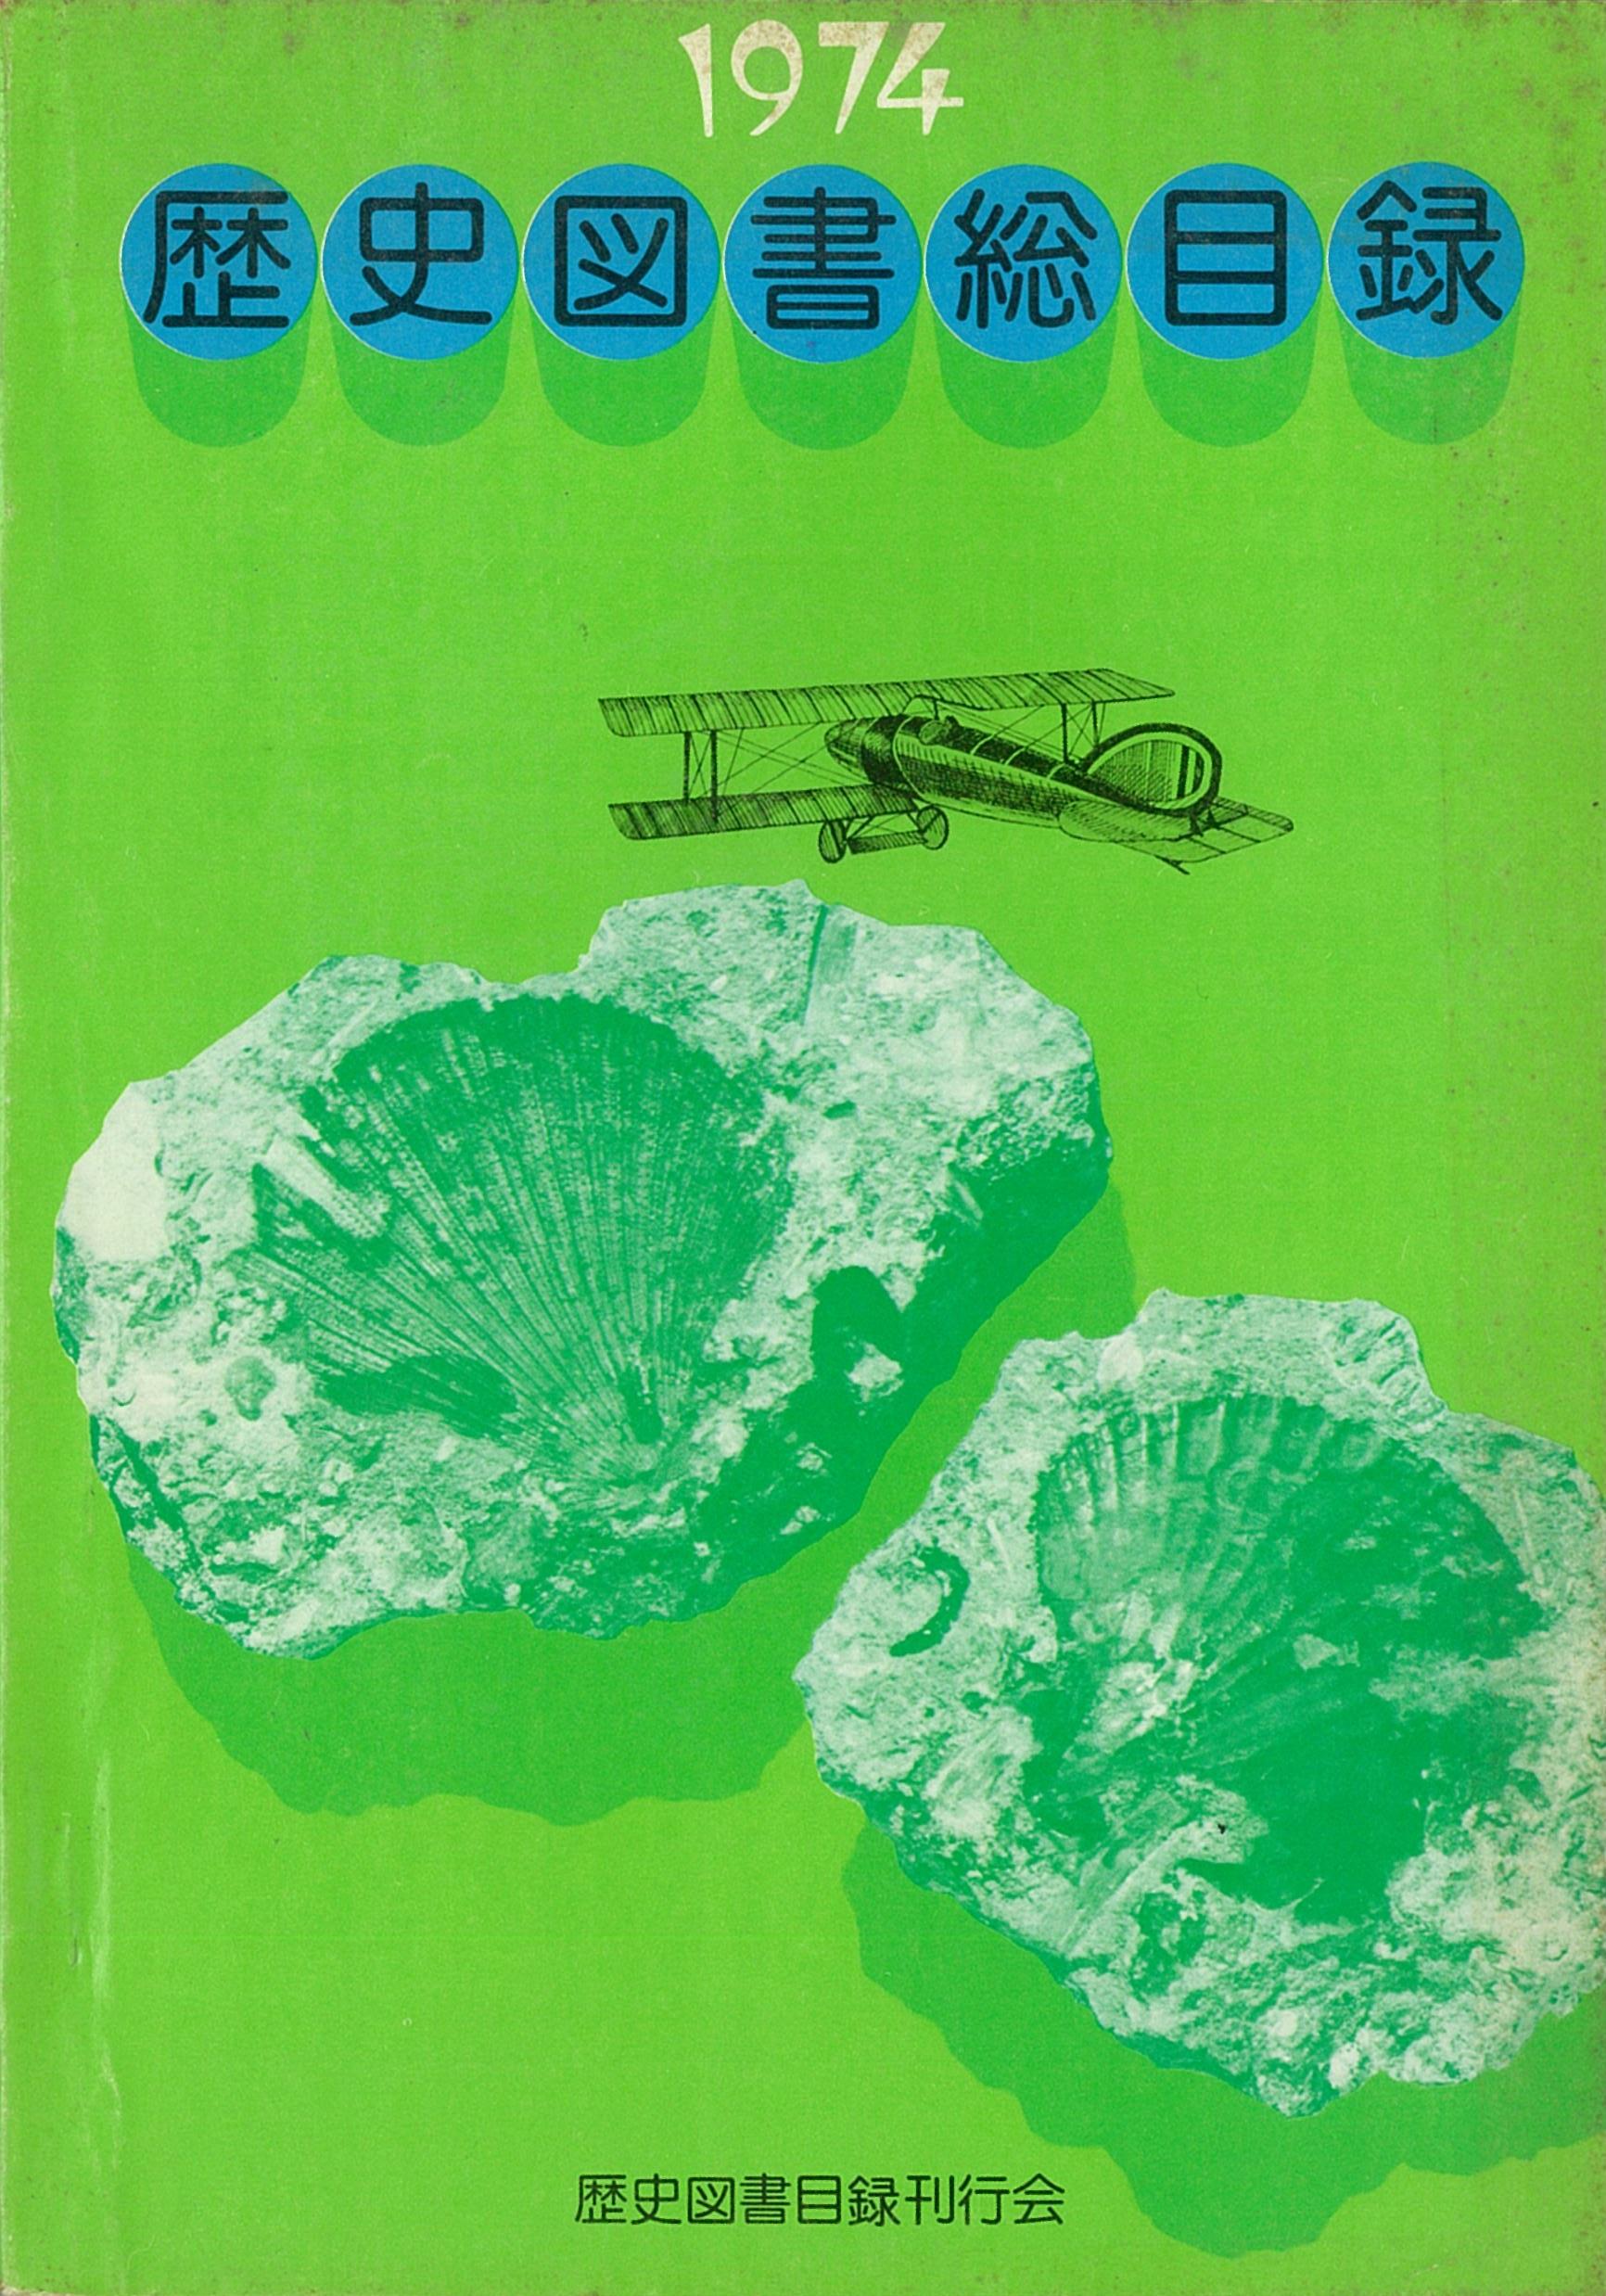 歴史書総目録創刊号1974年度版